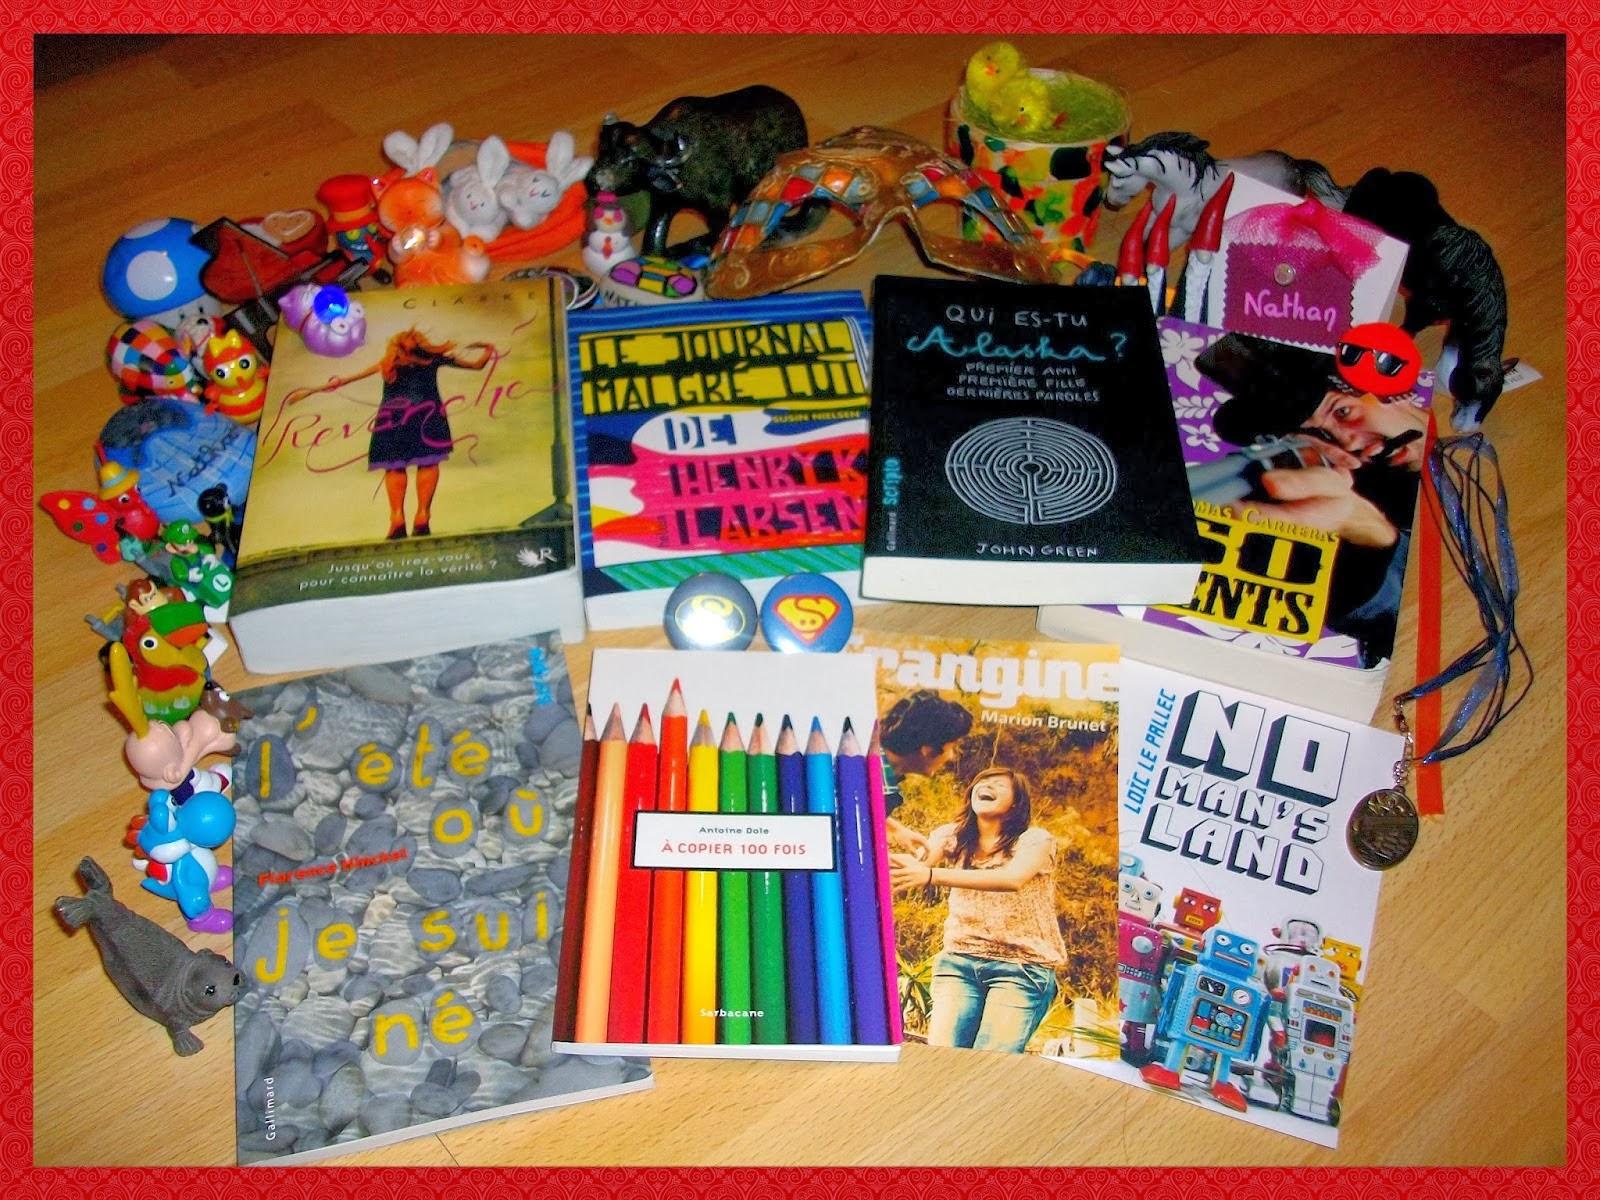 http://bouquinsenfolie.blogspot.fr/2013/12/au-pied-du-sapin-du-cahier-de-lecture.html